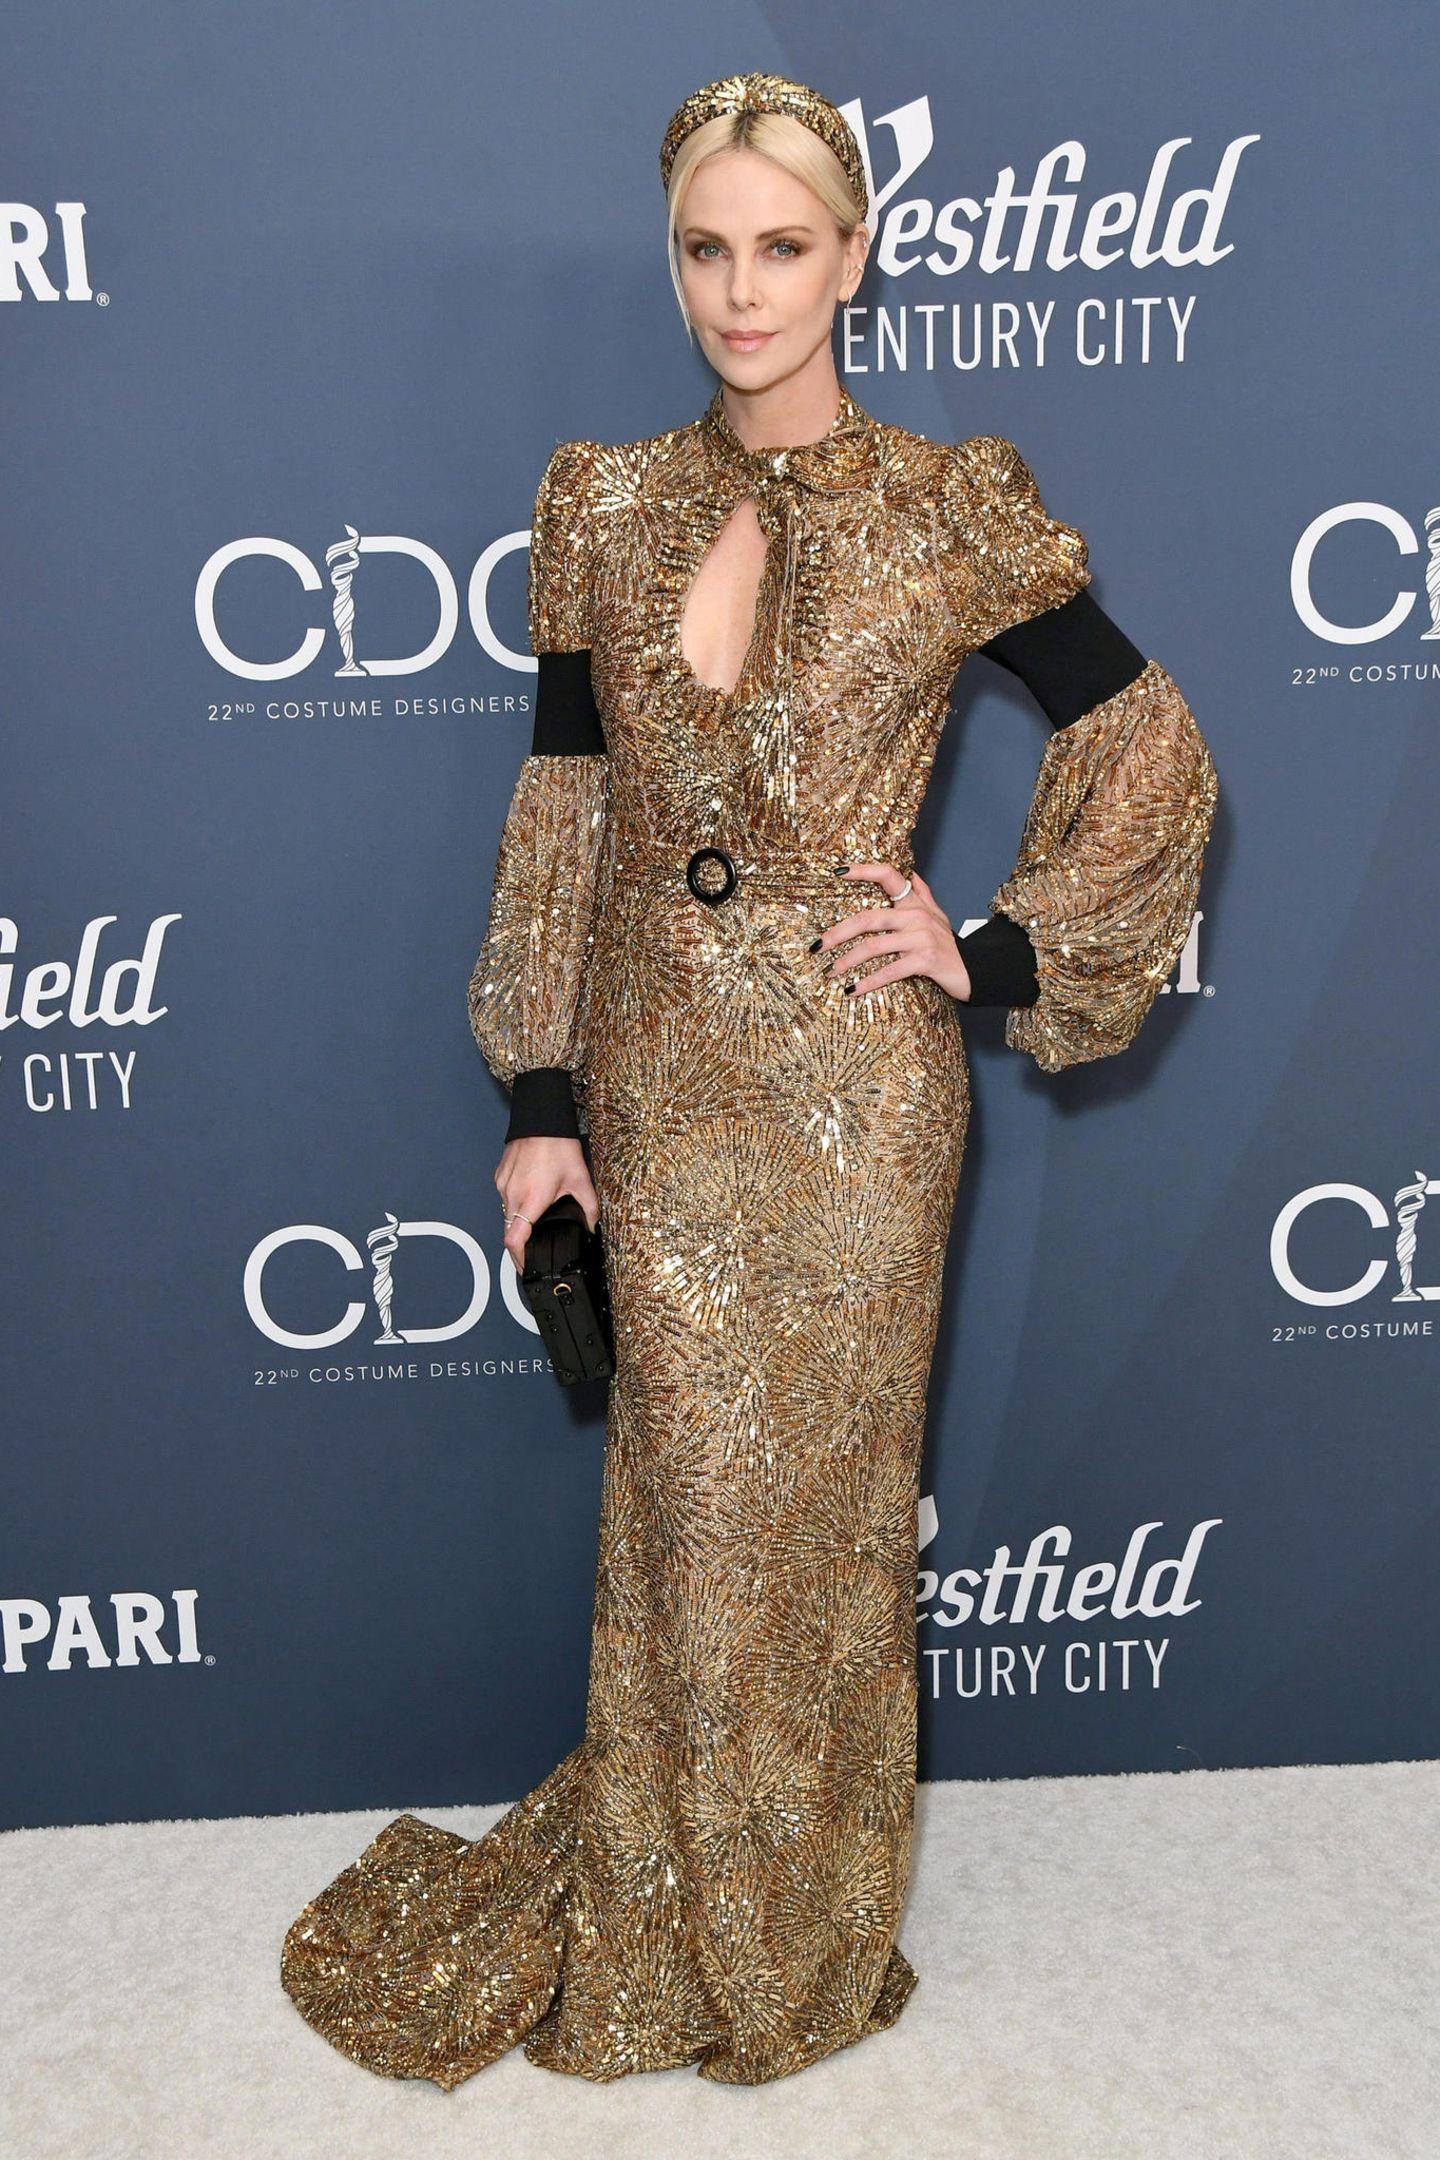 Golden Lady: Schauspielerin Charlize Theron strahlt in einergoldenenLuis-Vuitton-Robe mit Ballonärmeln, Schleppe und Tropf-Dekolleté. Gekrönt wird ihr glamouröser Look durch einen farblich passenden Haarreifen,schwarz lackierte Fingernägel und Metallic-Lidschatten.